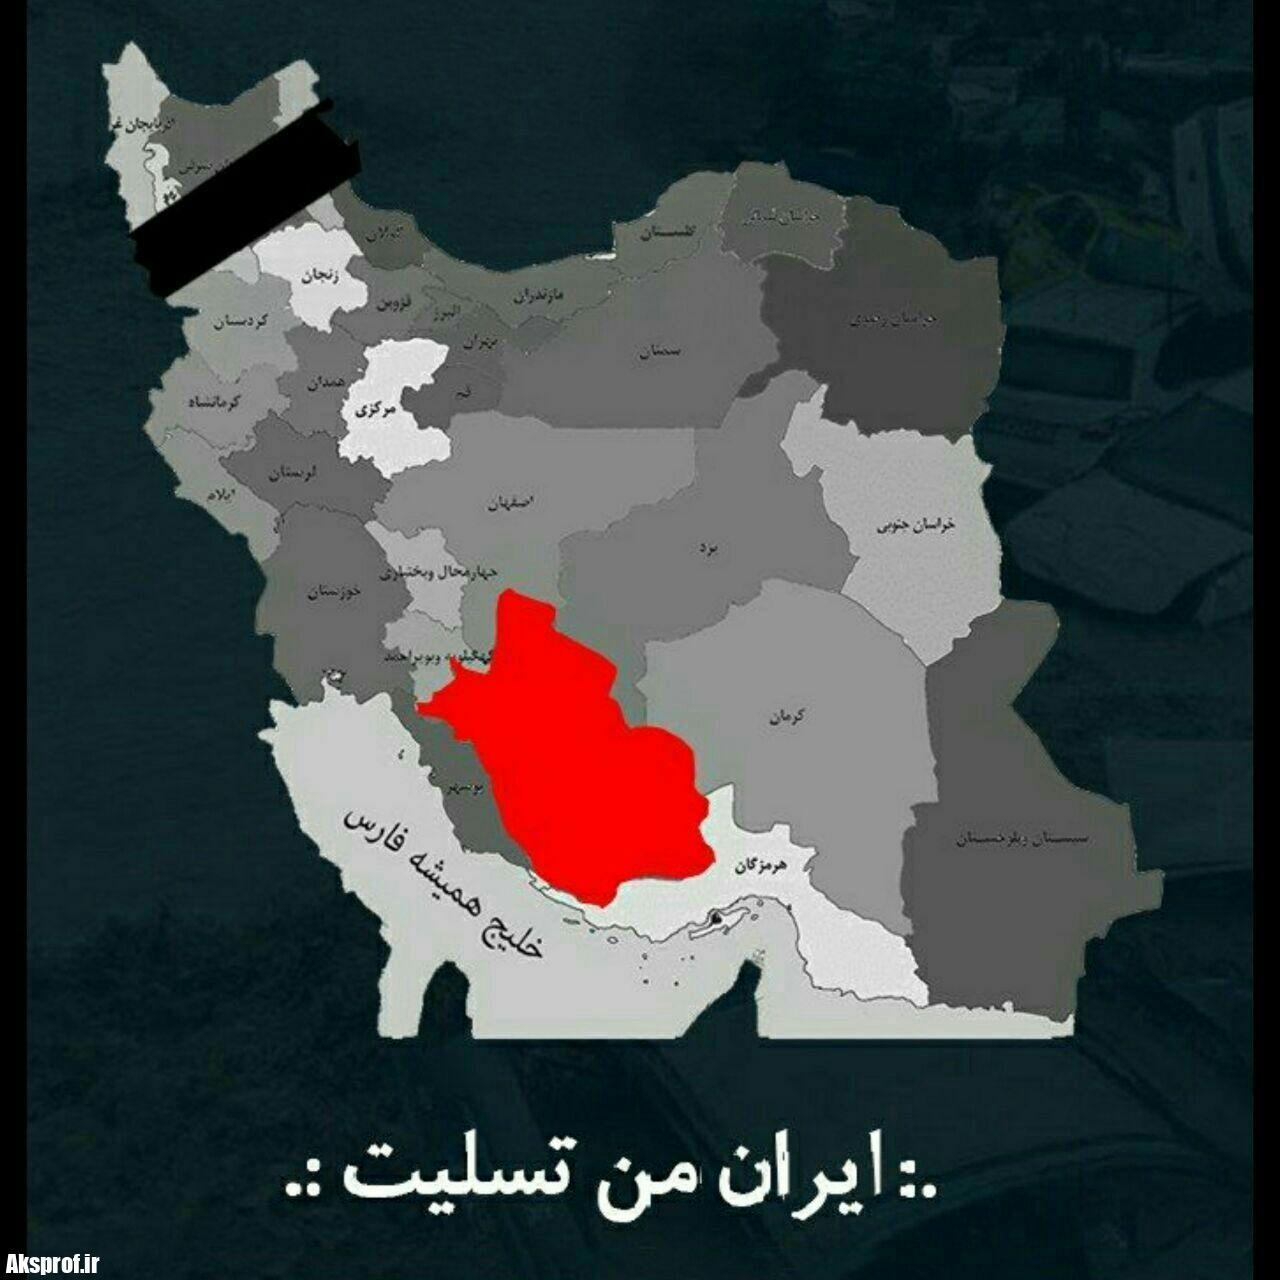 تسلیت برای سیل شیراز شمال